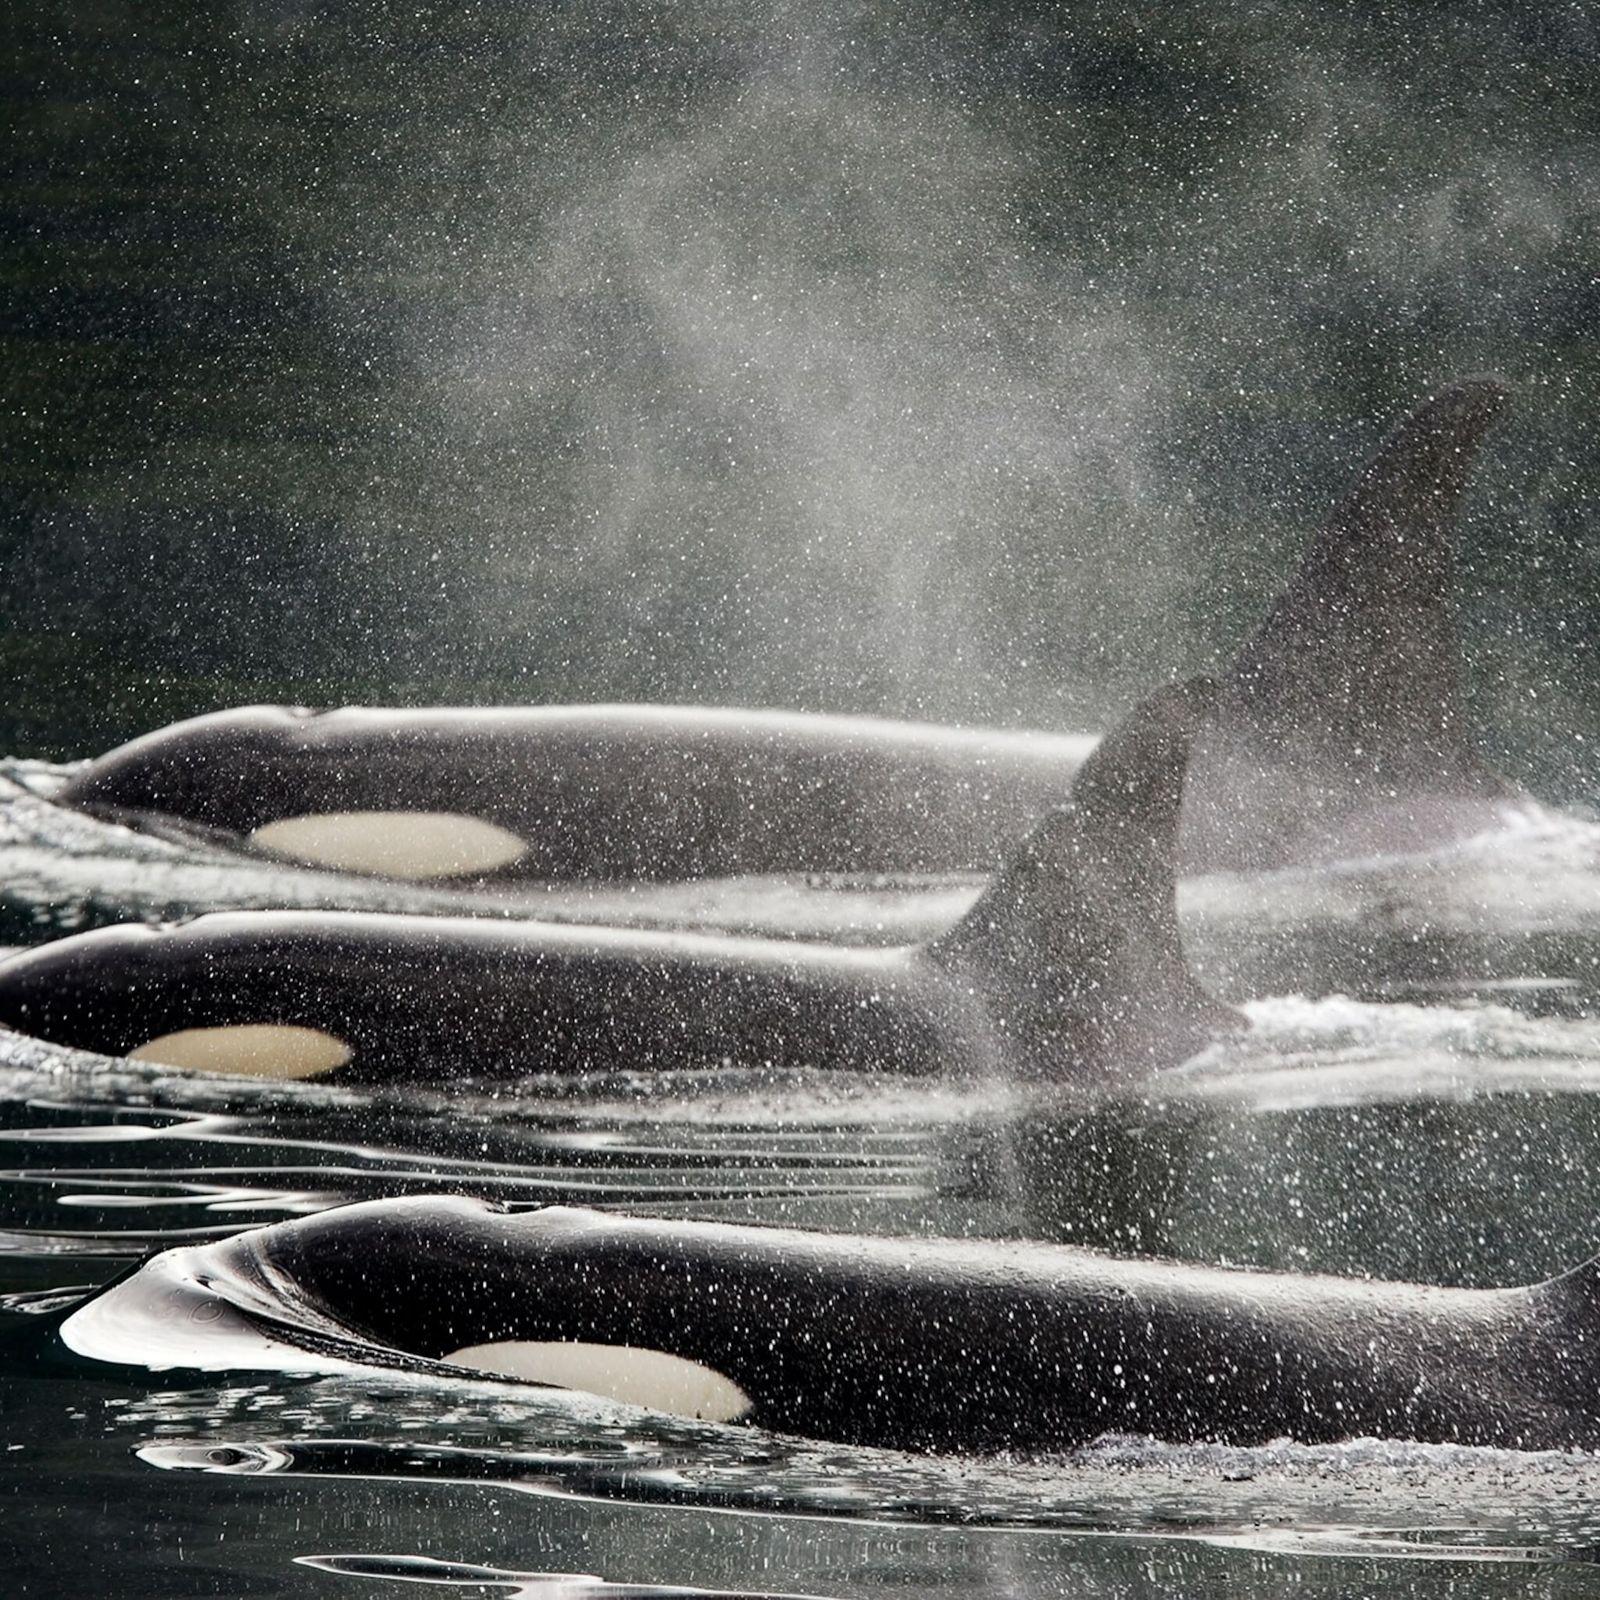 Drei-Orcas-an-der-Wasseroberfläche.